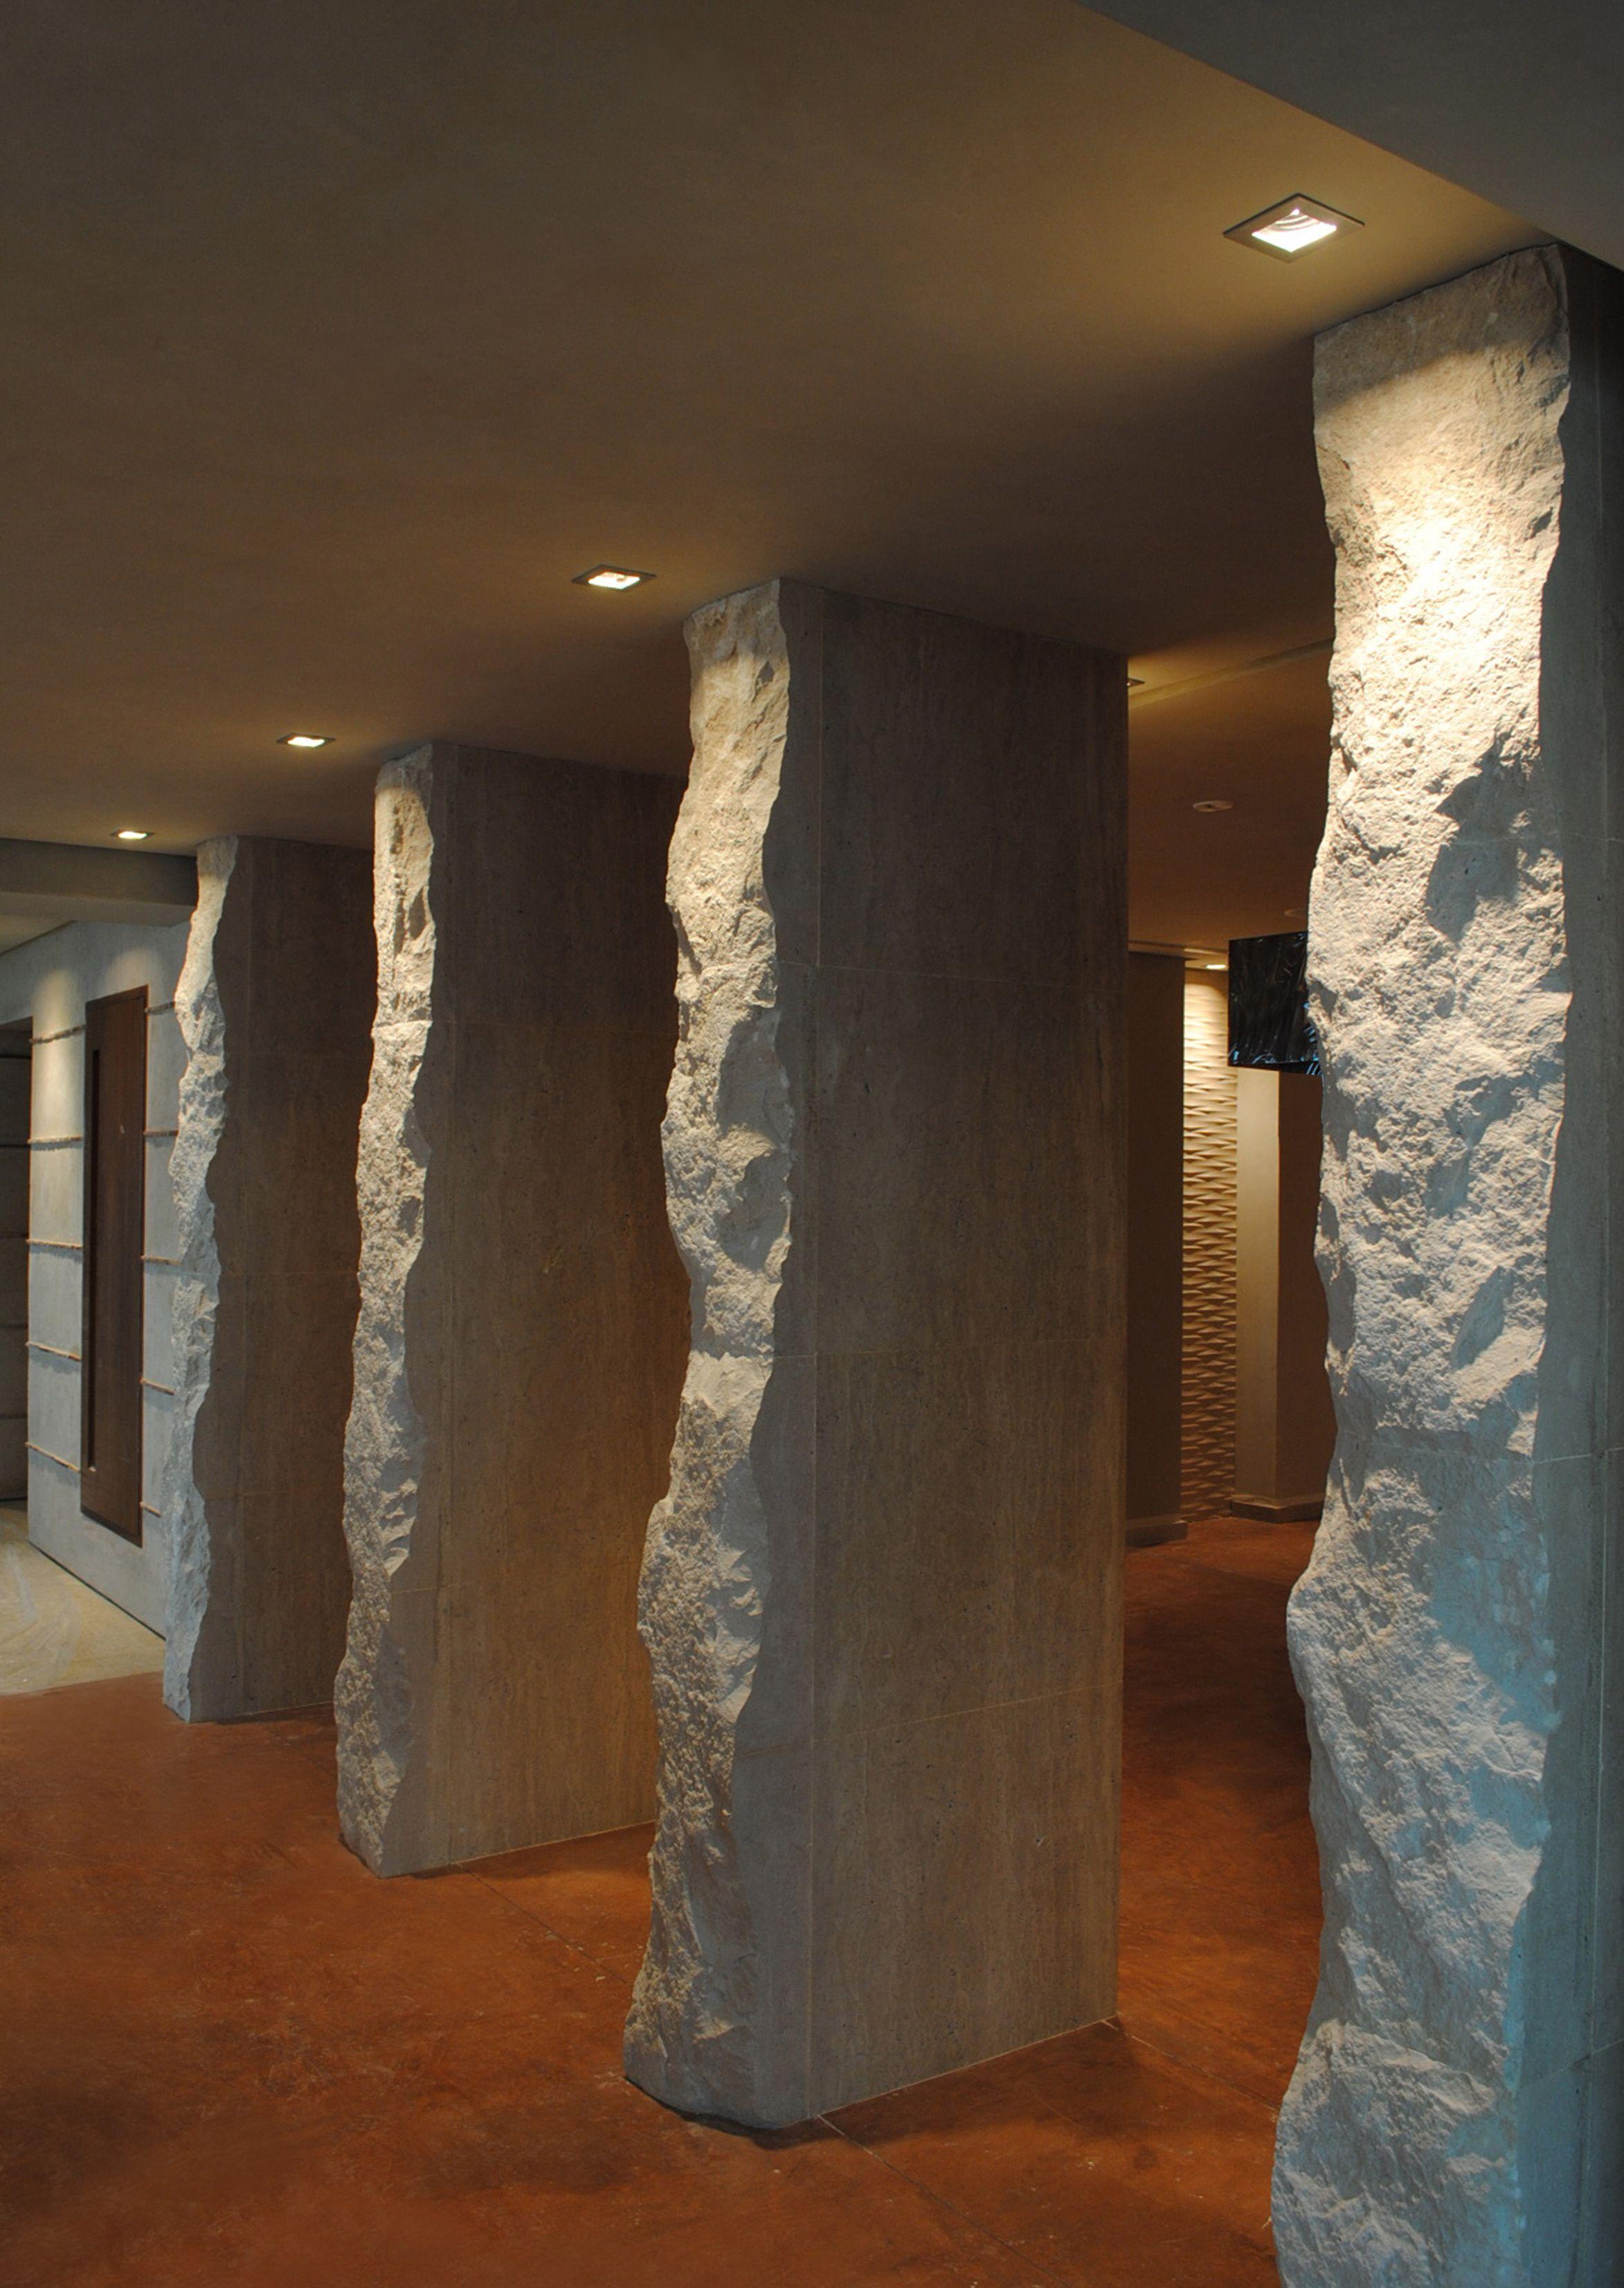 Marble Column Wall : Natural stone columns walls pillars and